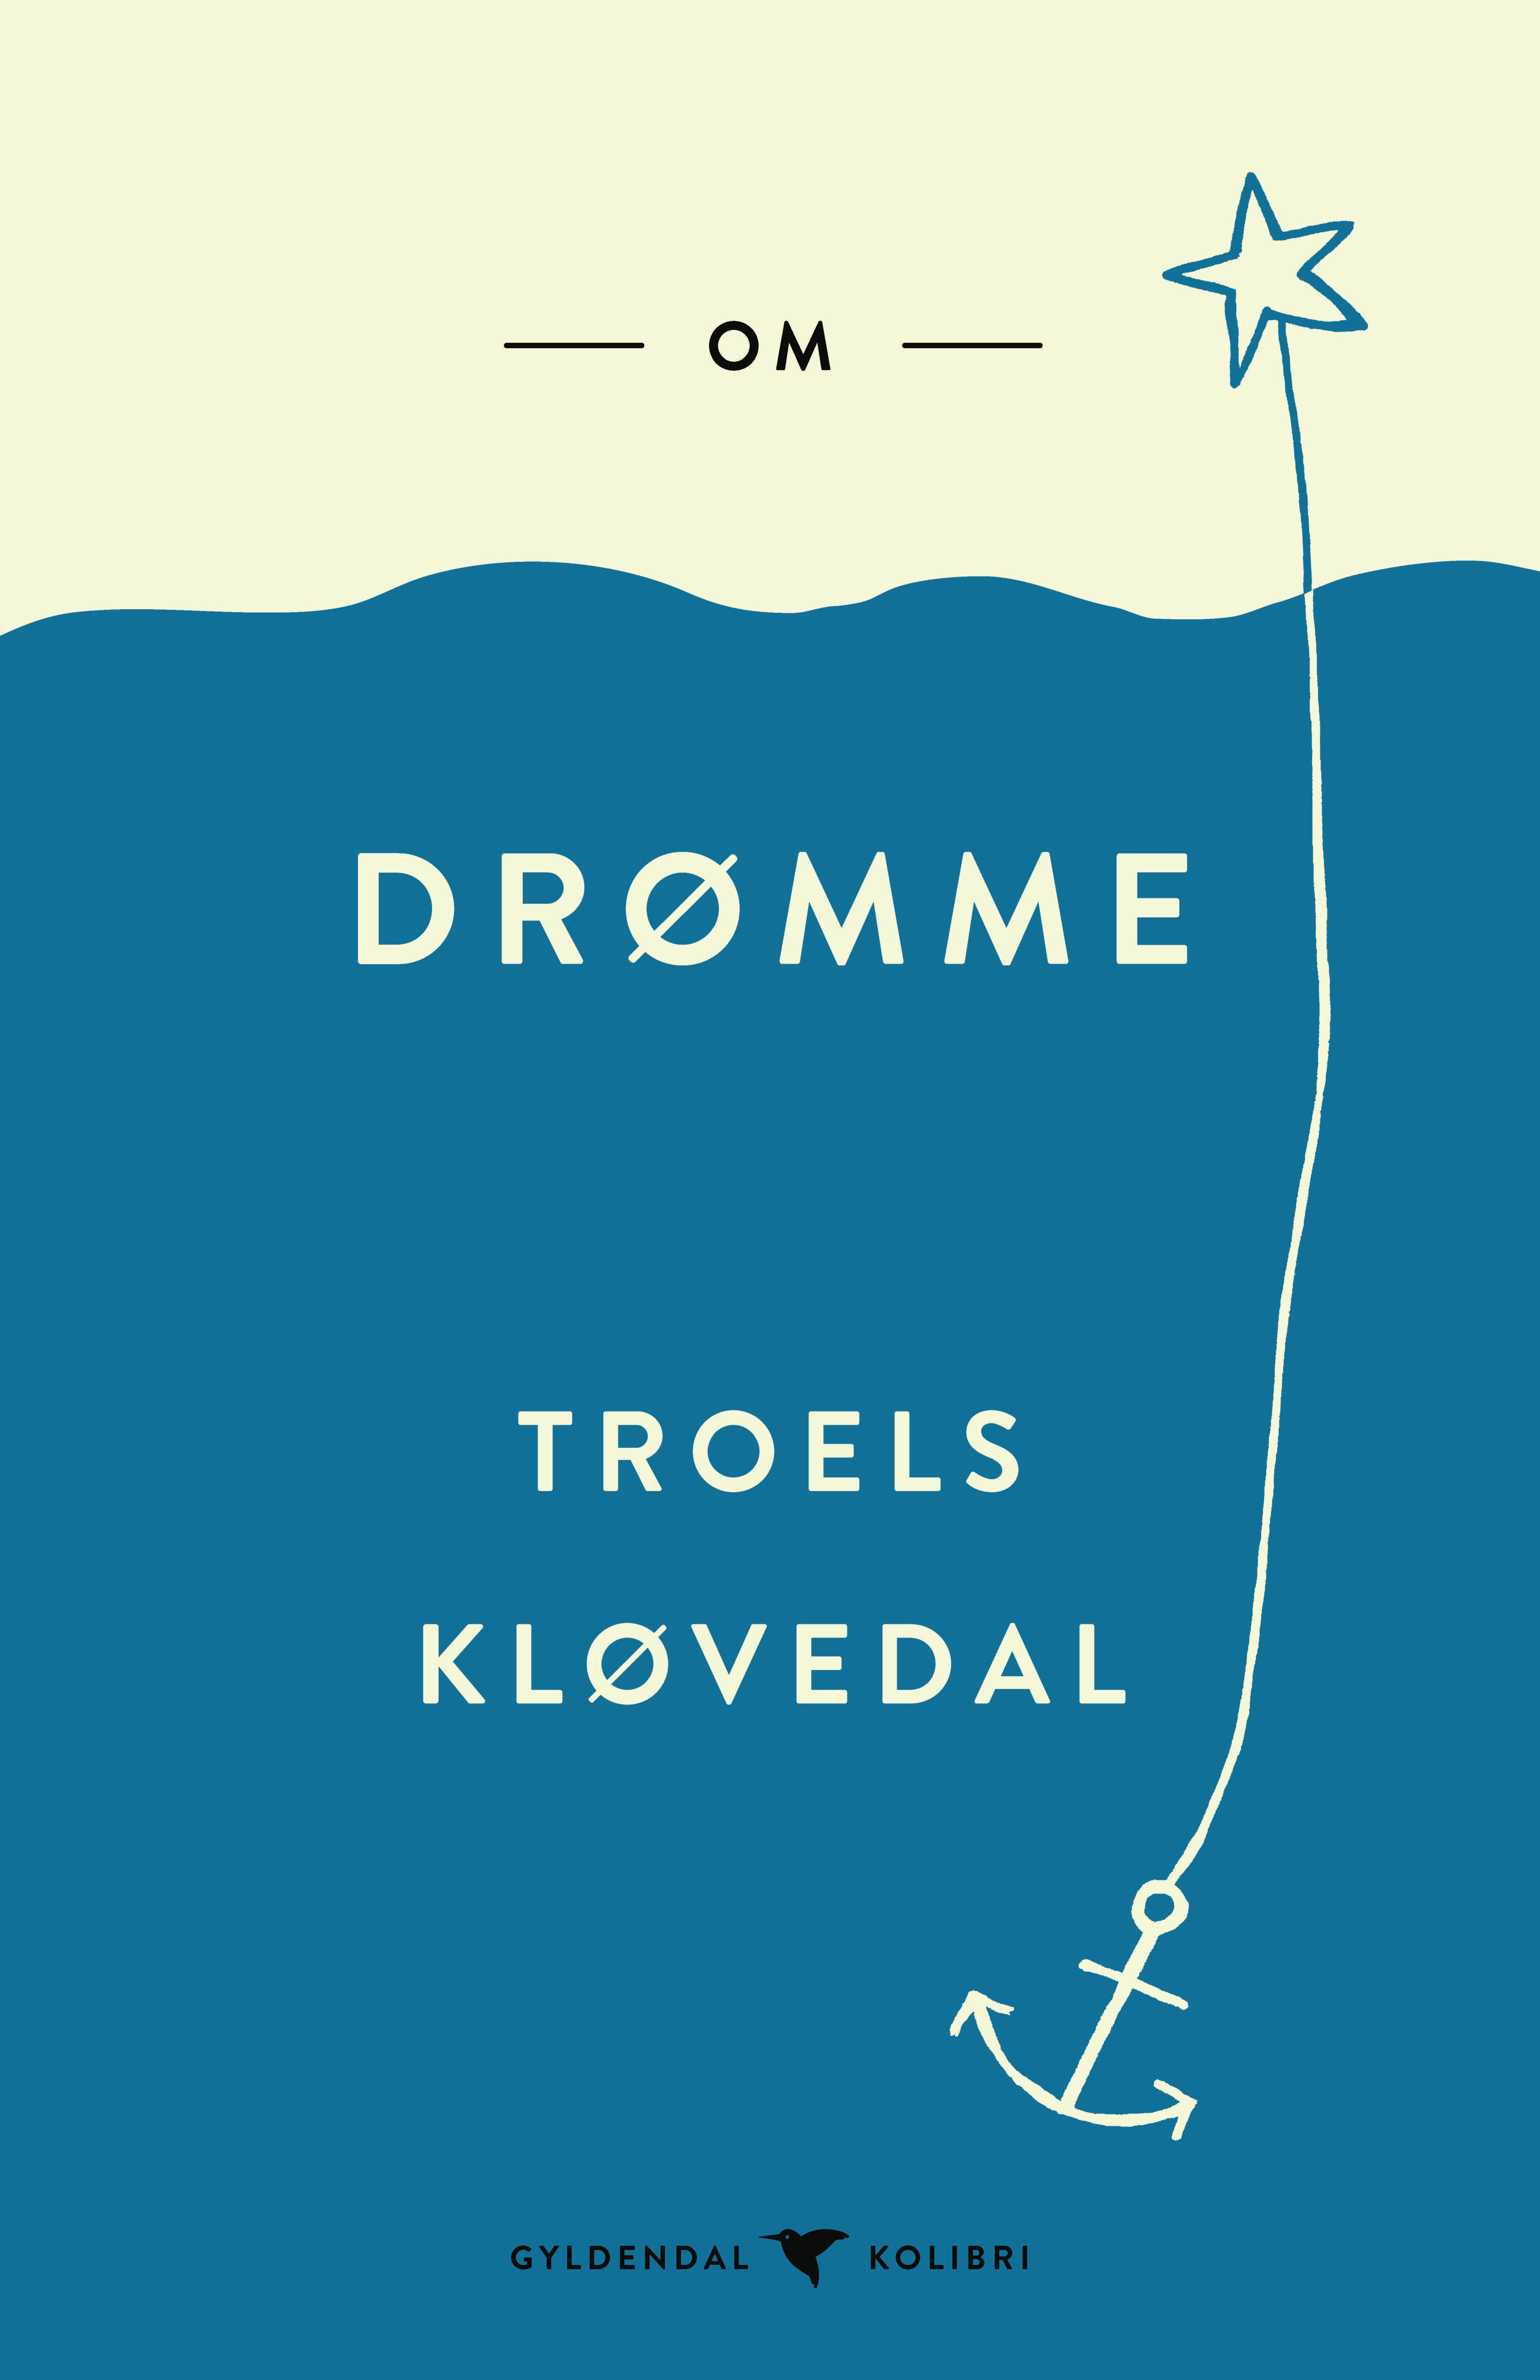 Gyldendal Kolibri: Om drømme - Troels Kløvedal - Bøger - Gyldendal - 9788702282085 - November 26, 2018